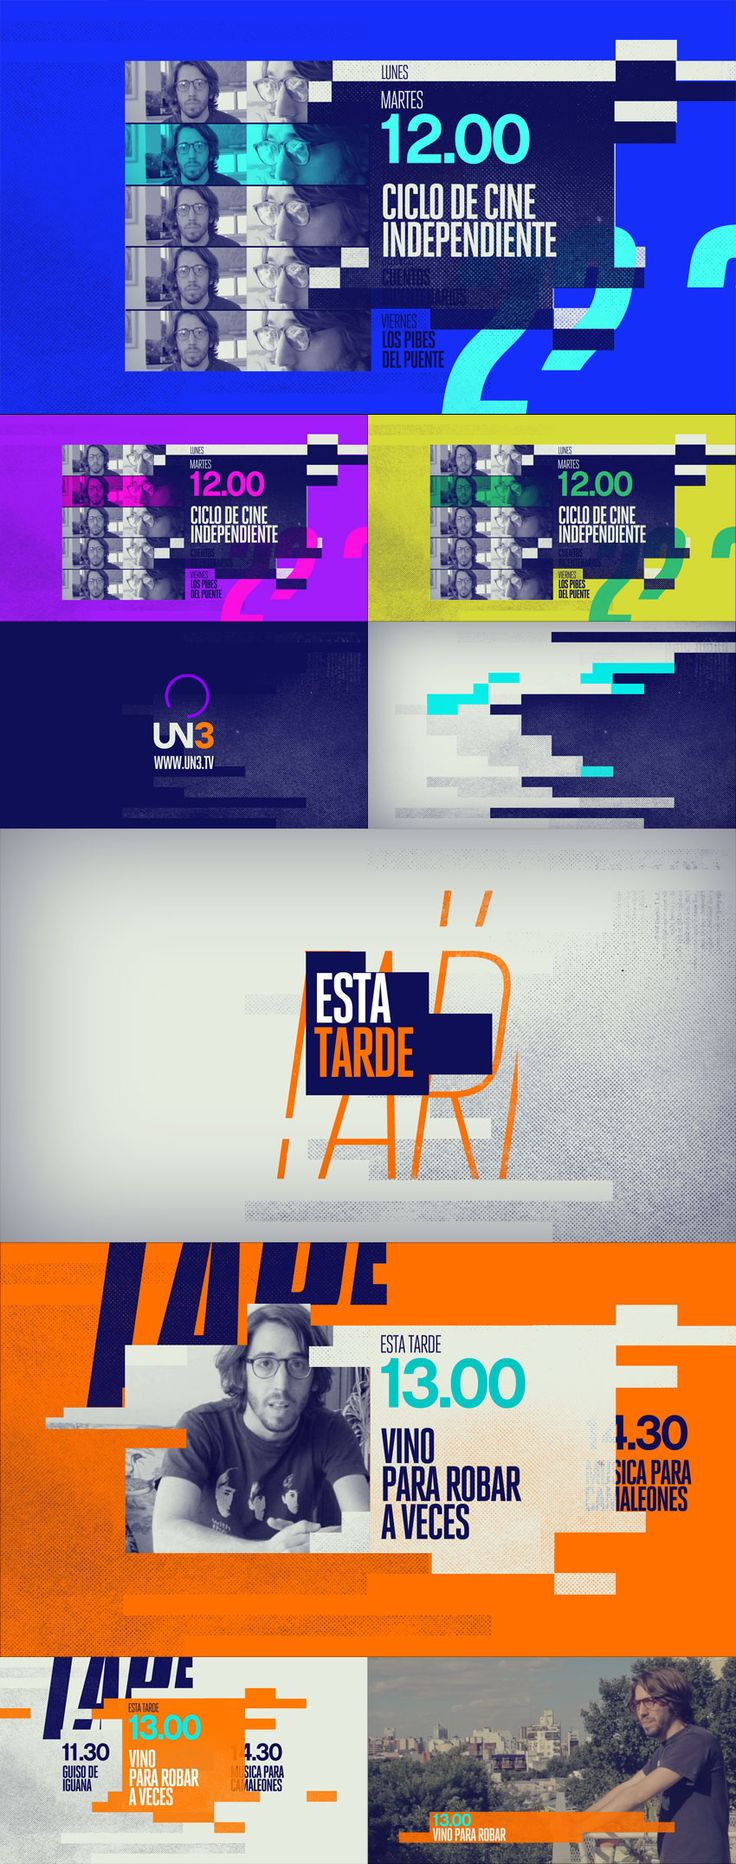 Un3 - Full Package Design (unused pics) PALIS. palis.com.ar